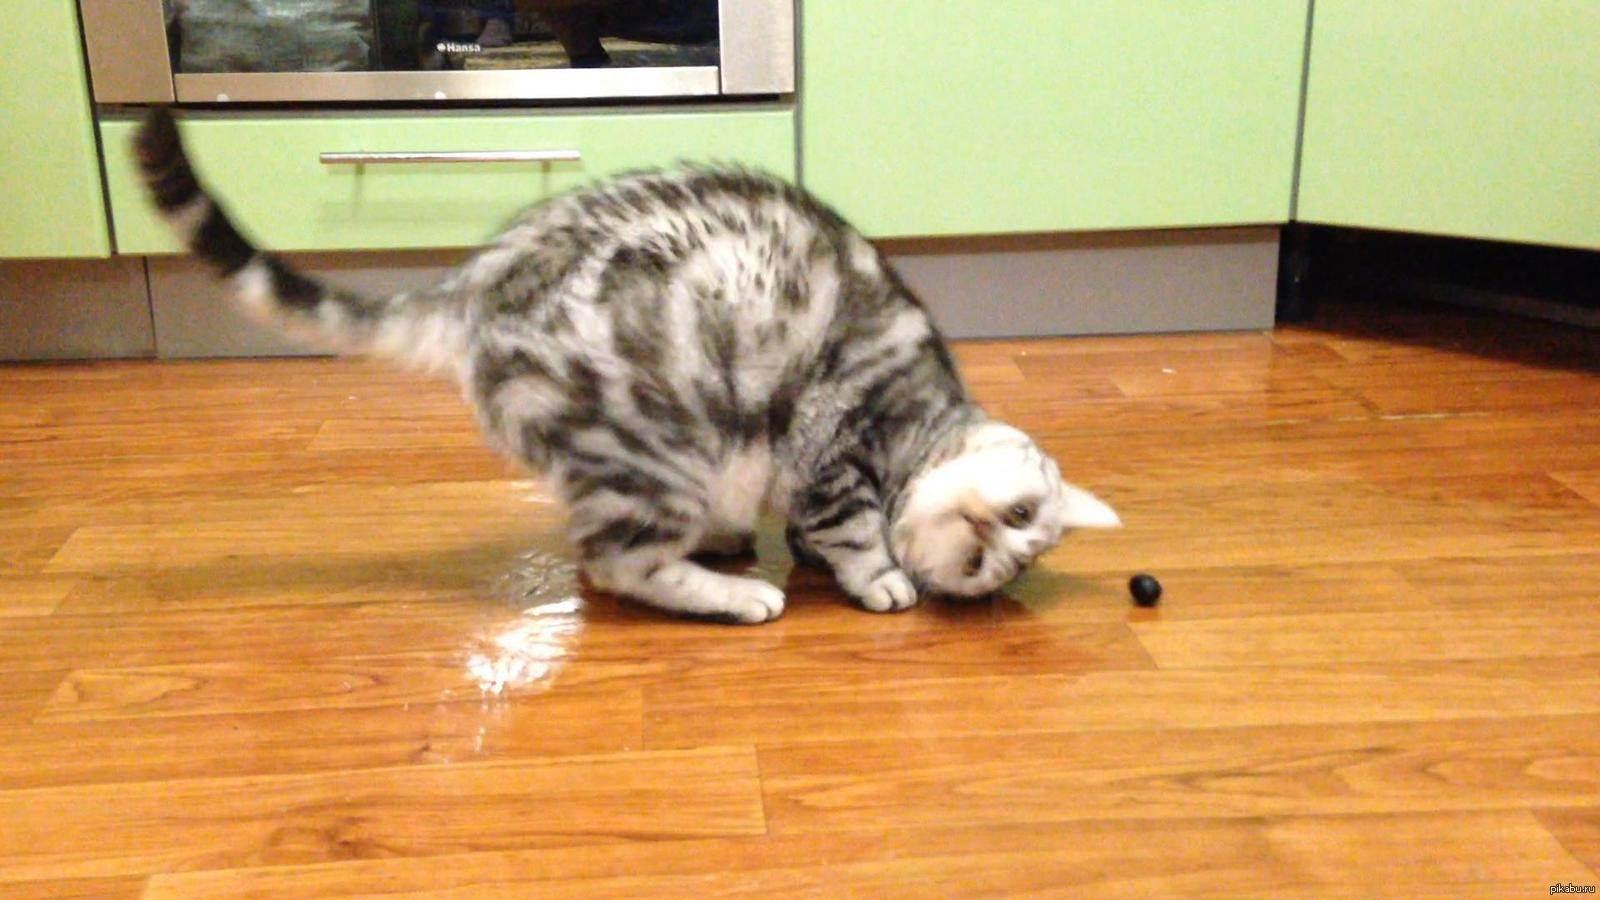 Почему кошки любят оливки и маслины, что их привлекает? почему кот любит оливки: причины, можно ли давать, польза и вред для животного можно ли давать кошкам маслины